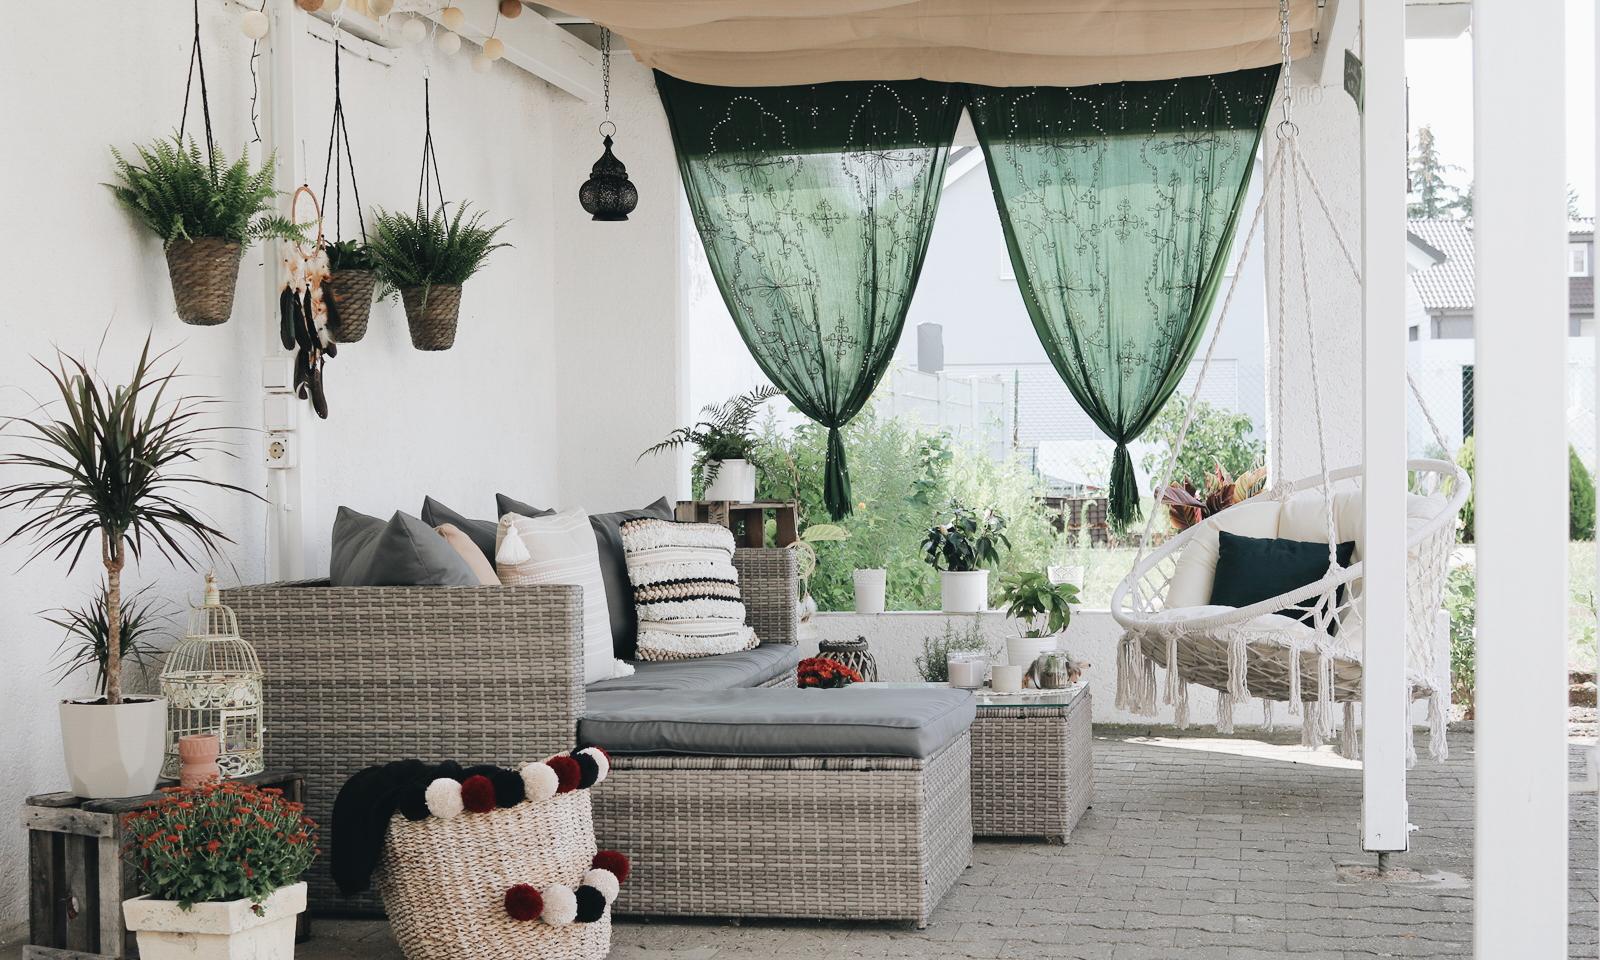 Garten Veranda überdachte Sitzecke Boho Style Ideen Vorhänge Kissen